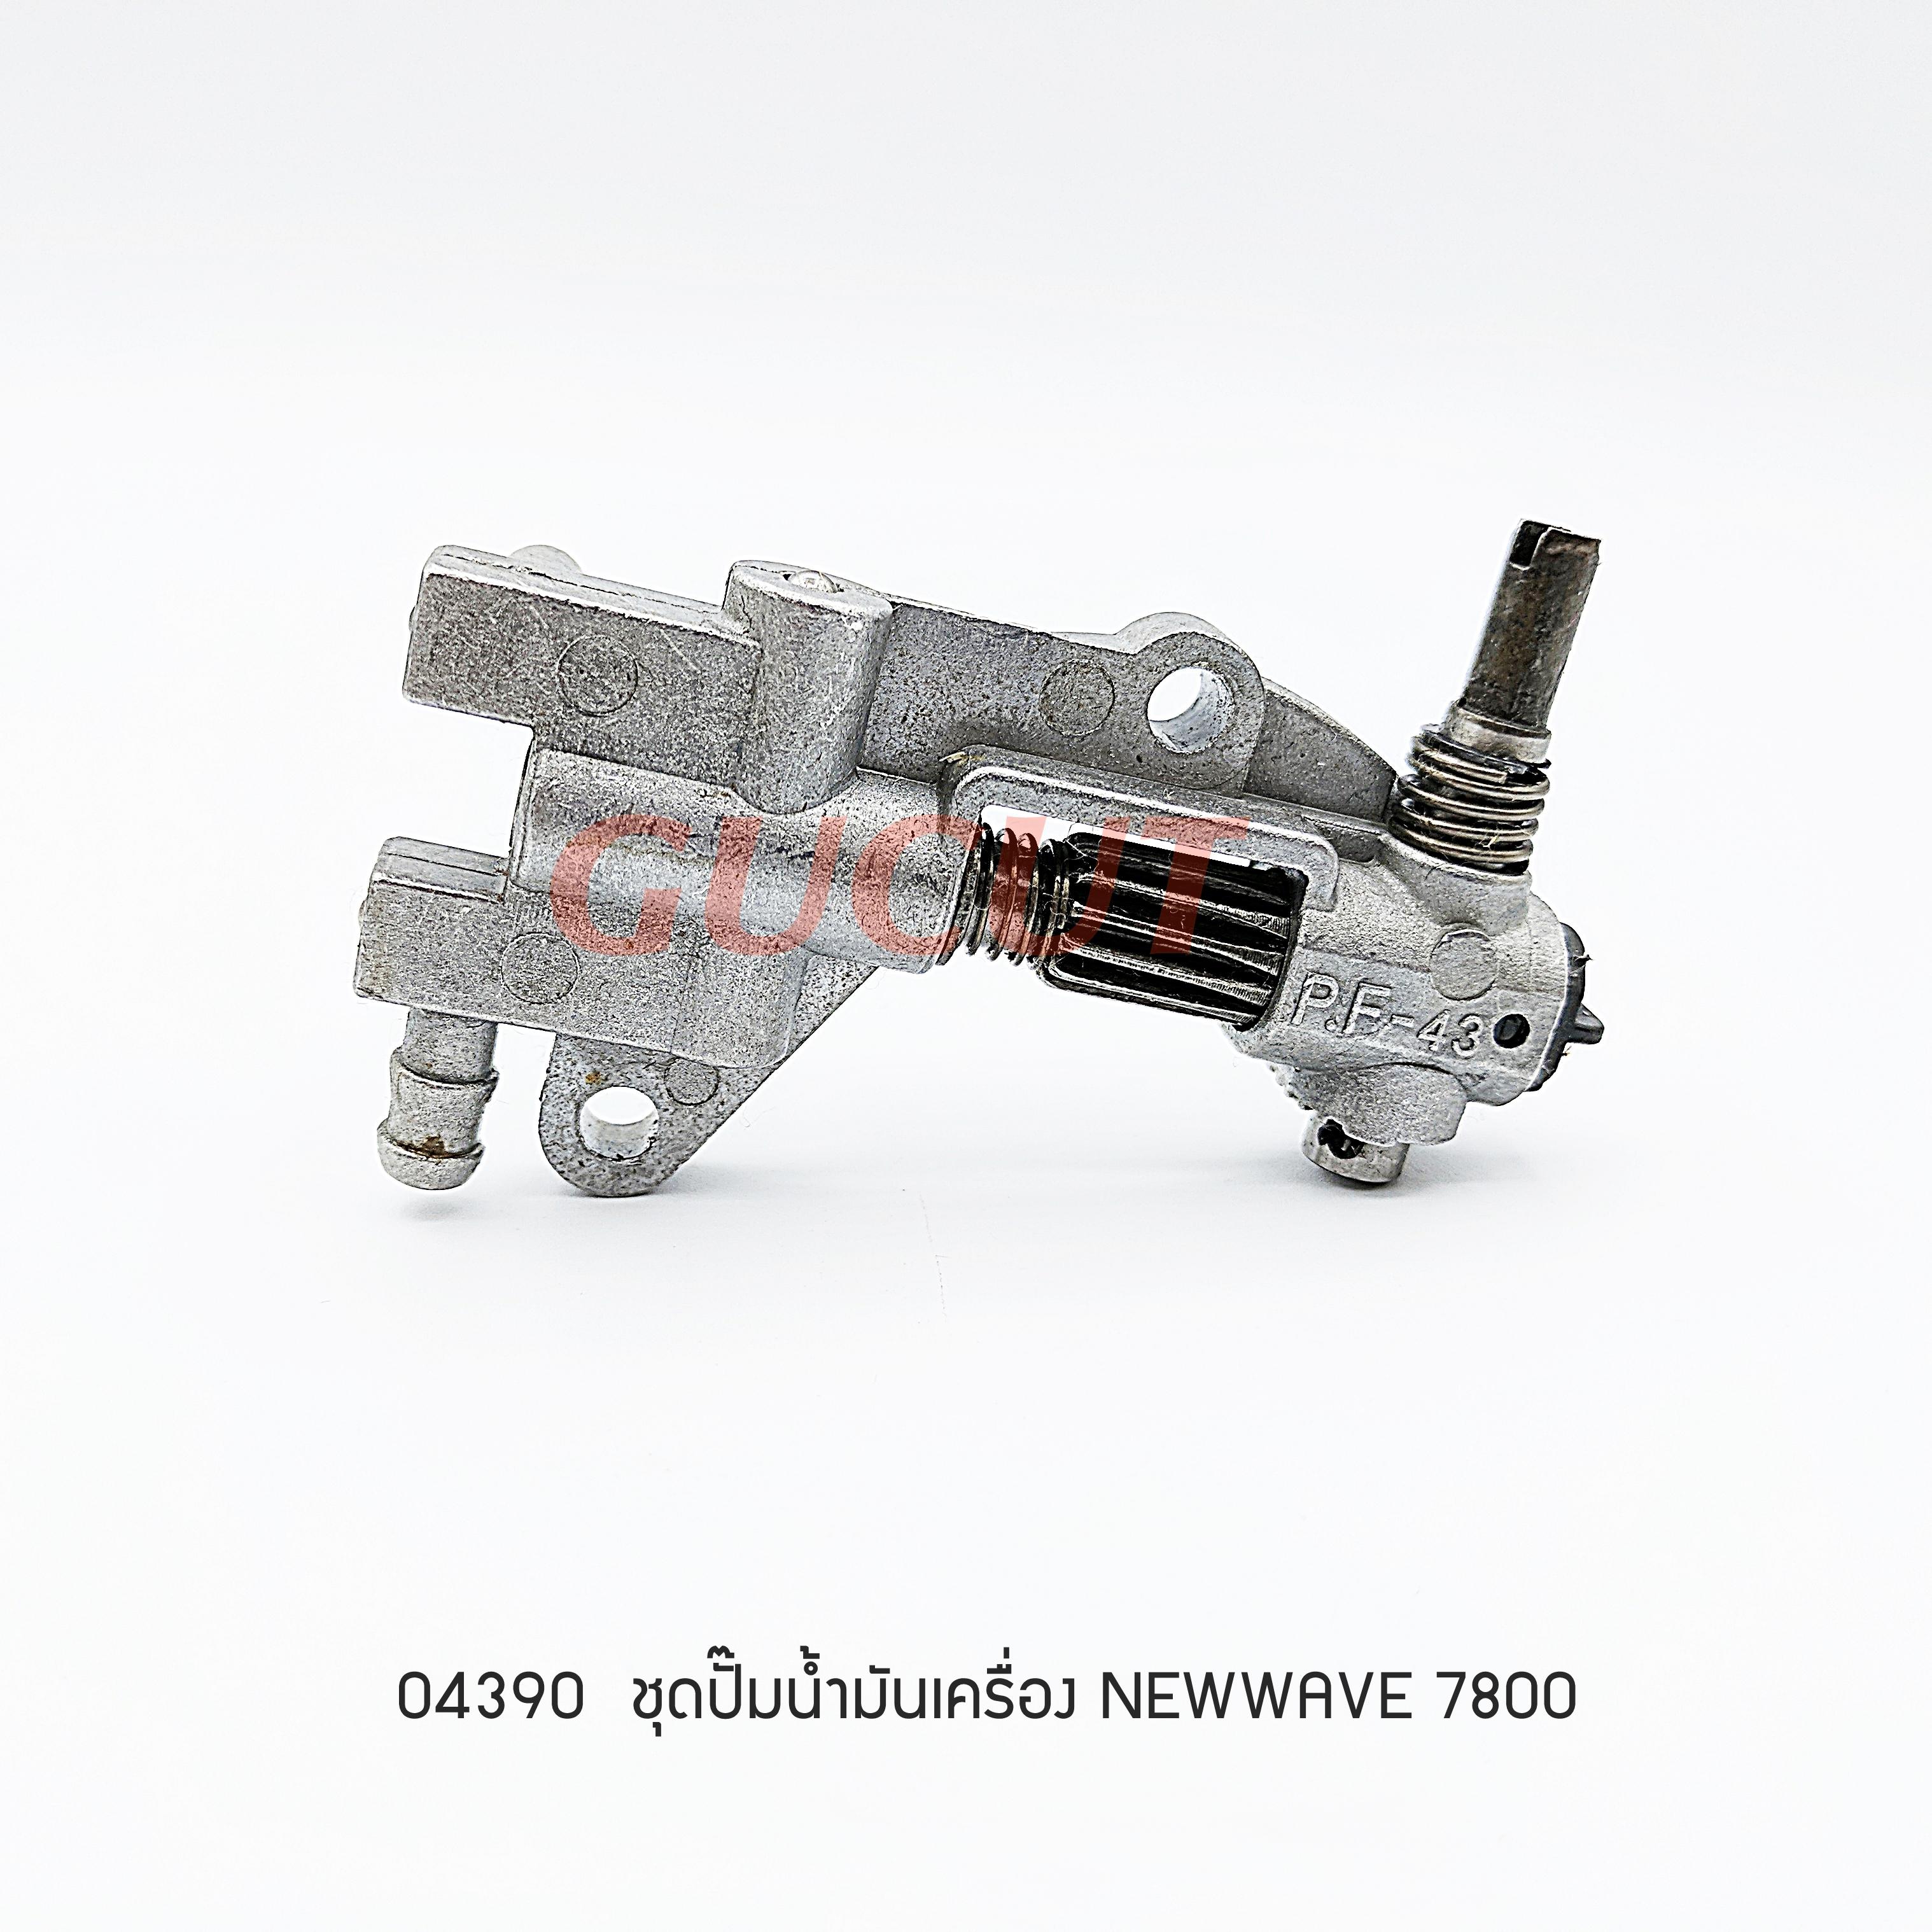 04390 ชุดปั๊มน้ำมันเครื่อง NEWWAVE 7800